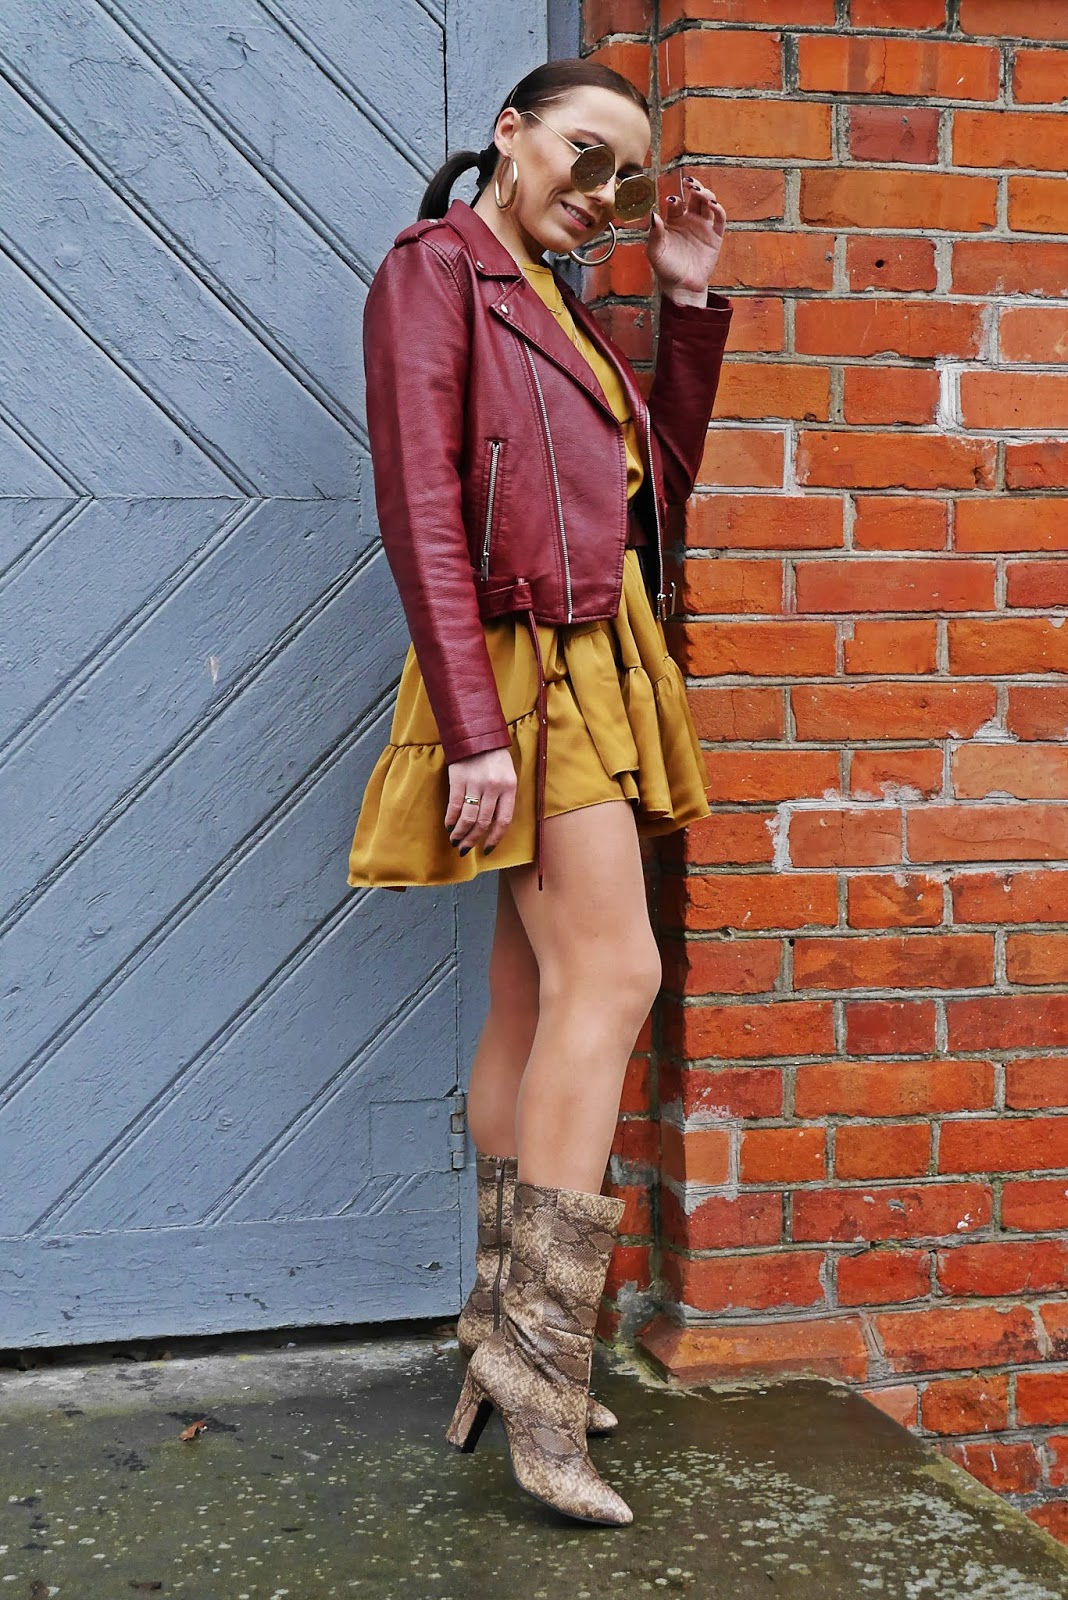 Sukienka famme Luxe musztardowa bordowa ramoneska botki wężowy wzór bonprix karyn blog modowy blogerka modowa karyn